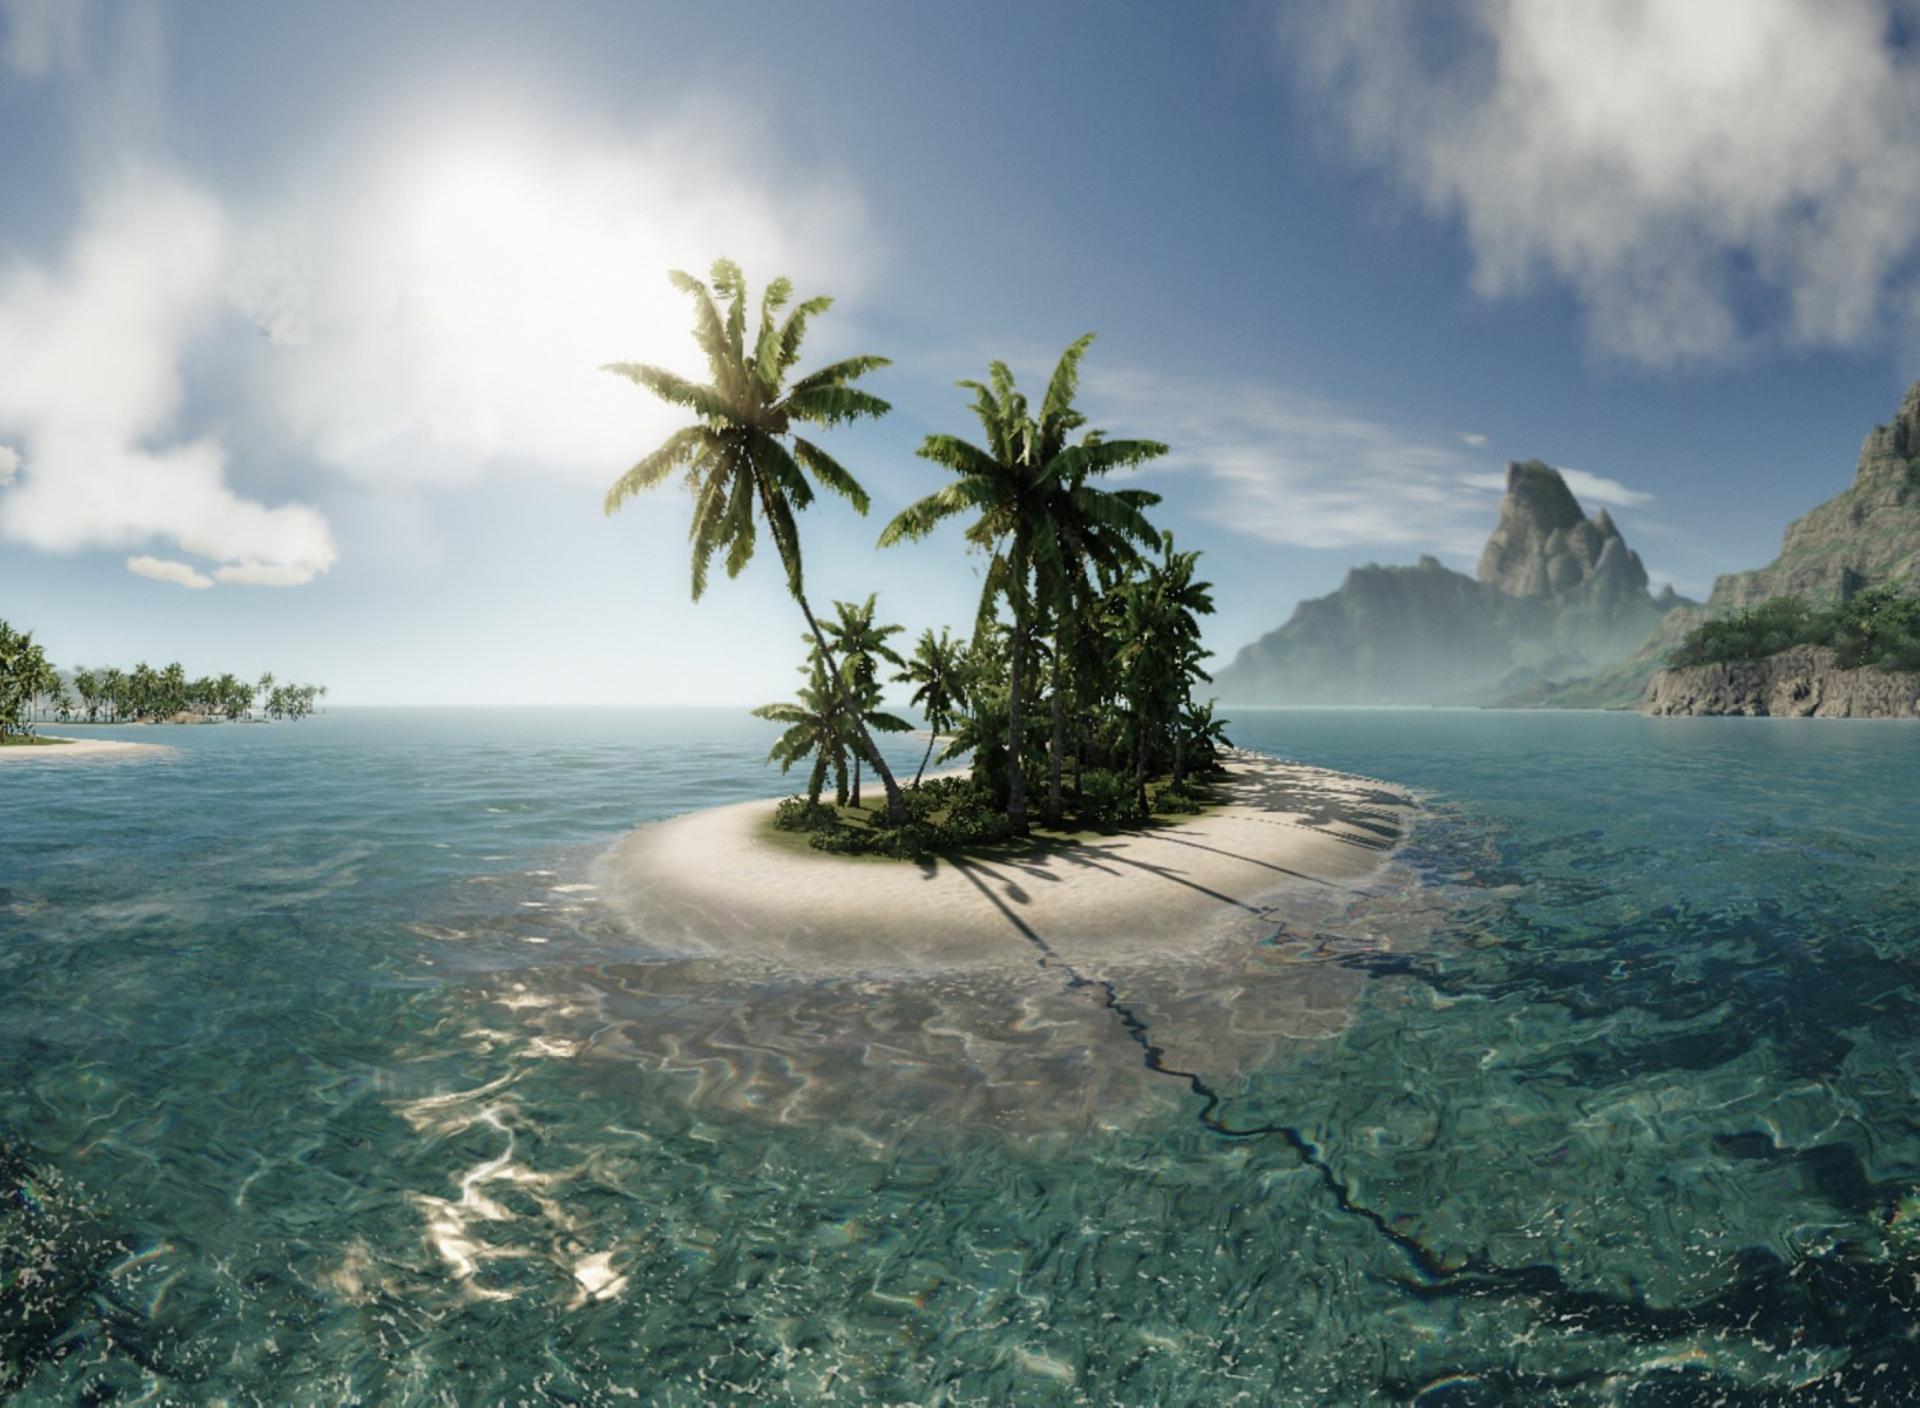 элементы острова картинки на аватарку горная вершина признана